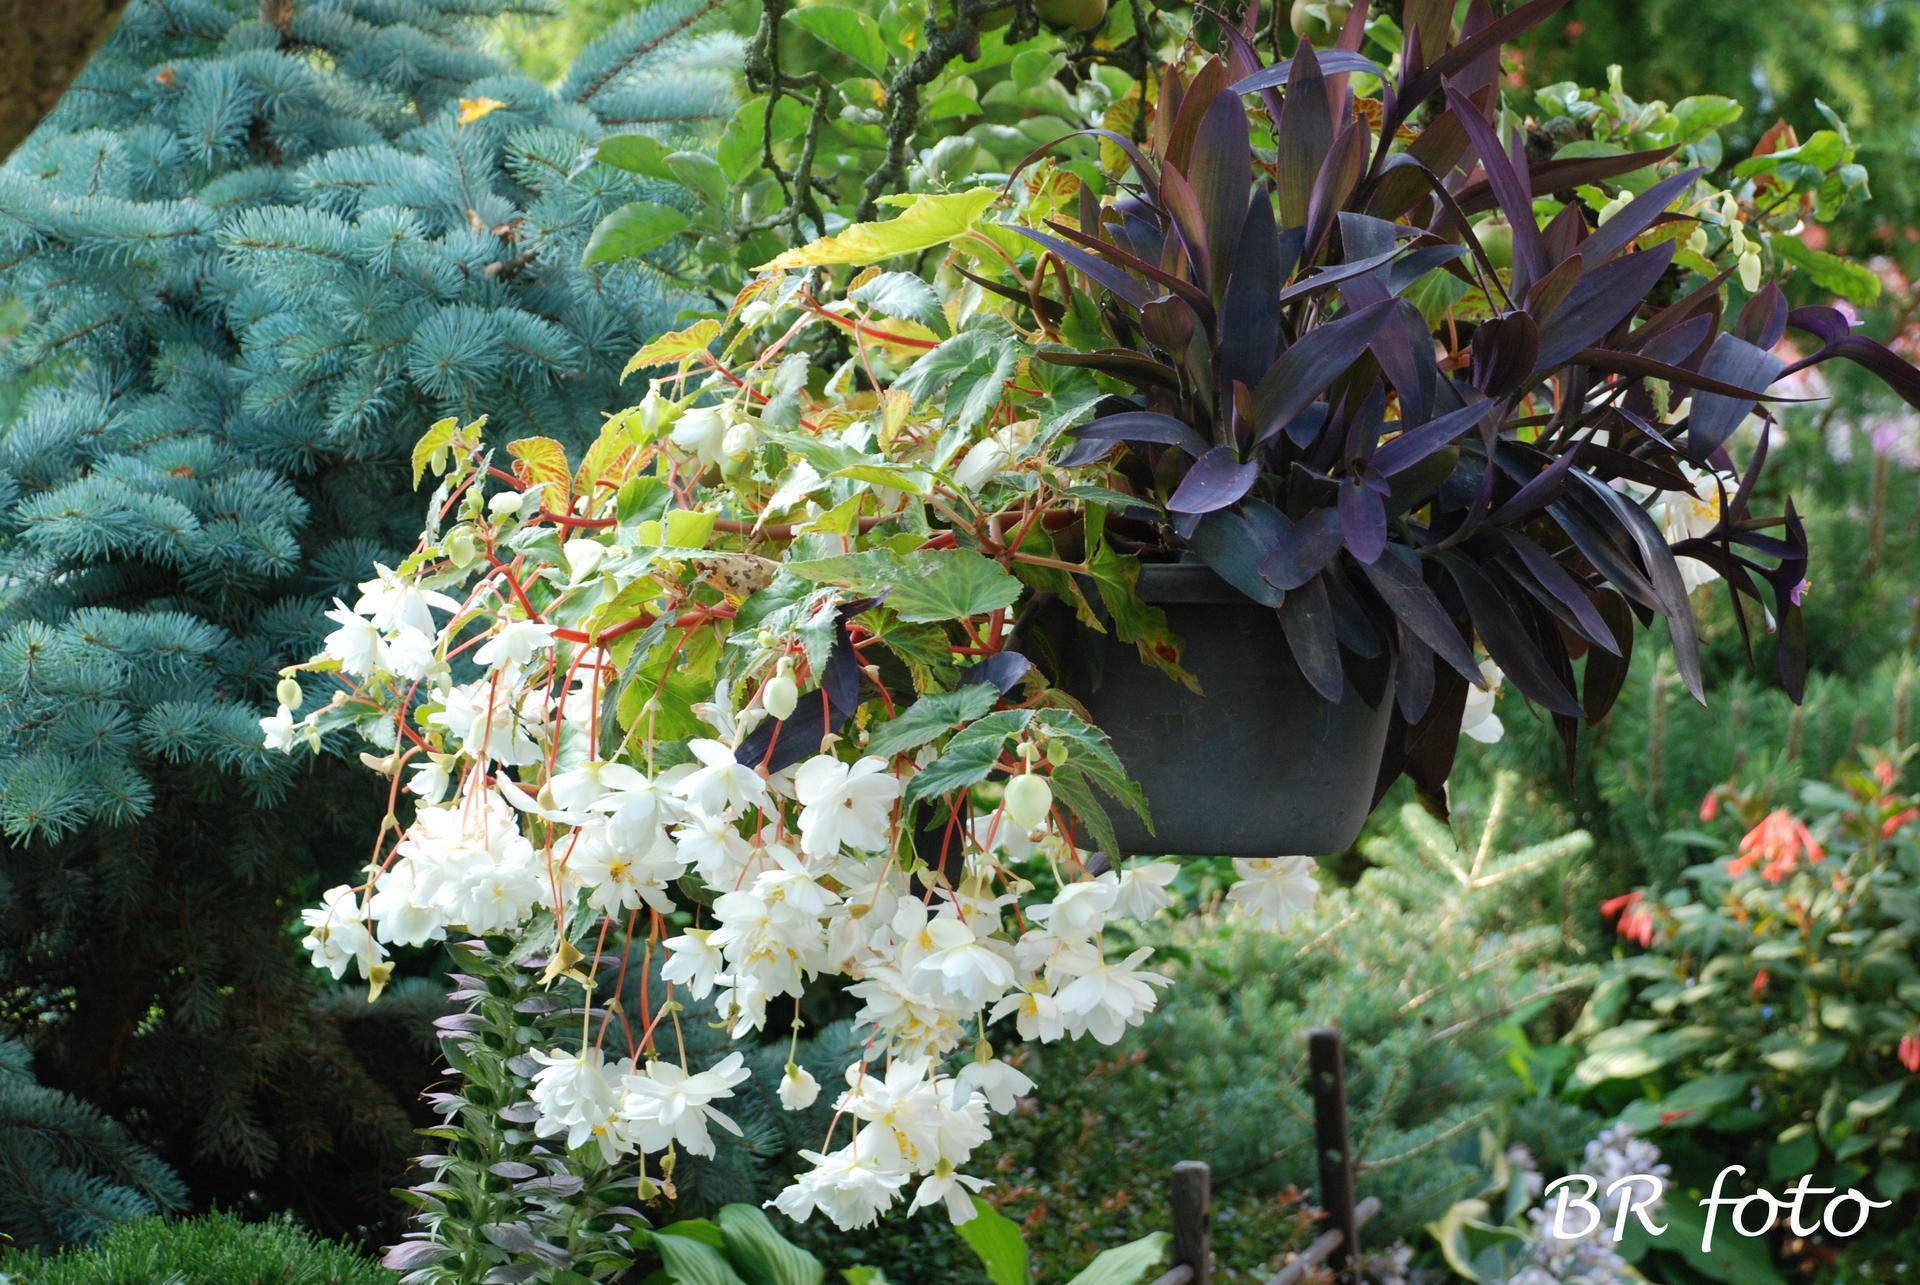 Zahrada v létě - k begonii jsem přidala fialovou tradeskancii, dala  jsem ji i do truhlíků a nádob